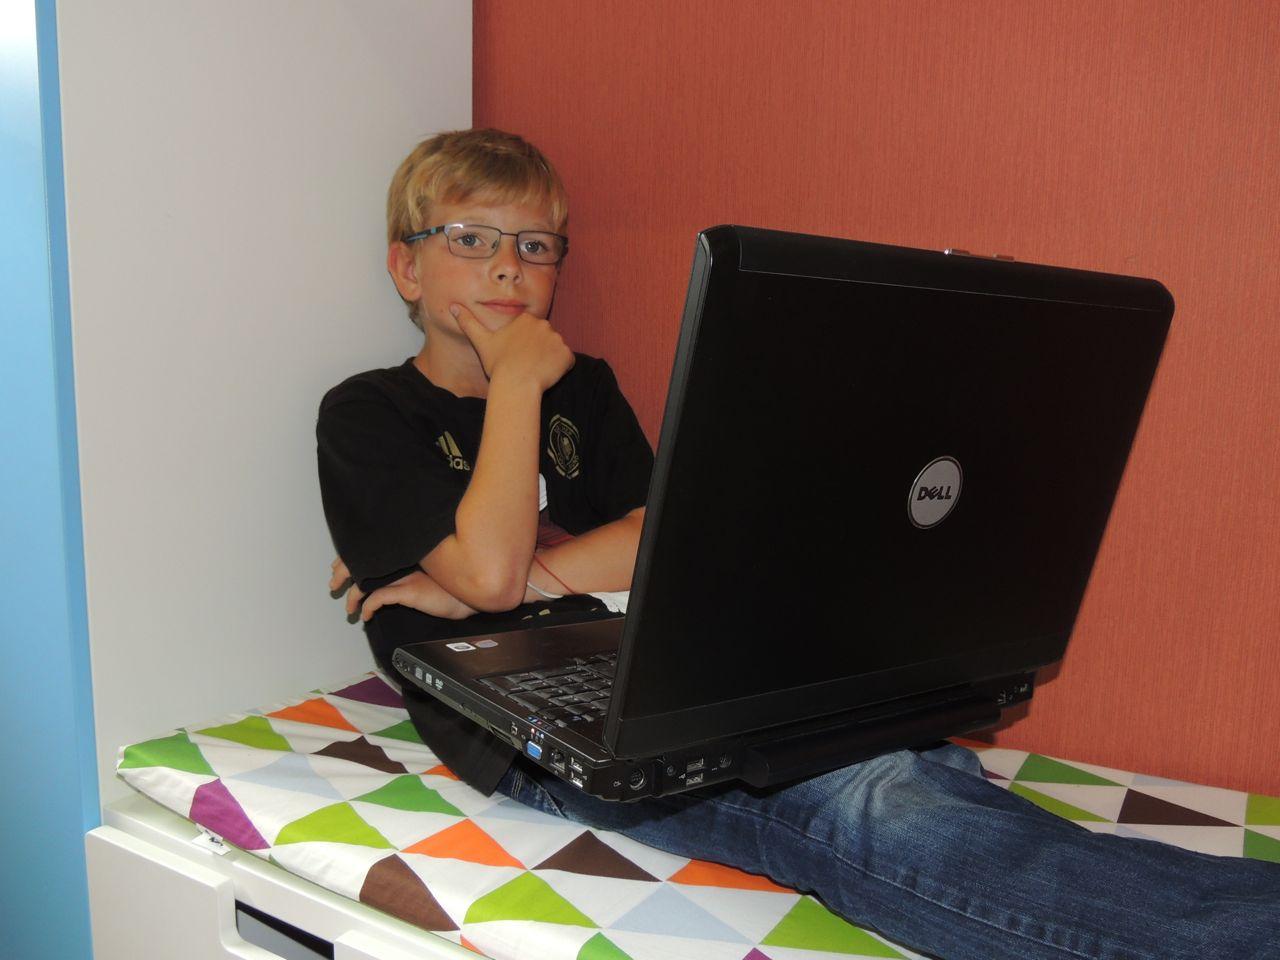 Jonas Schirweit findet den ganzen Stress vor dem Urlaub nervig. Foto: privat